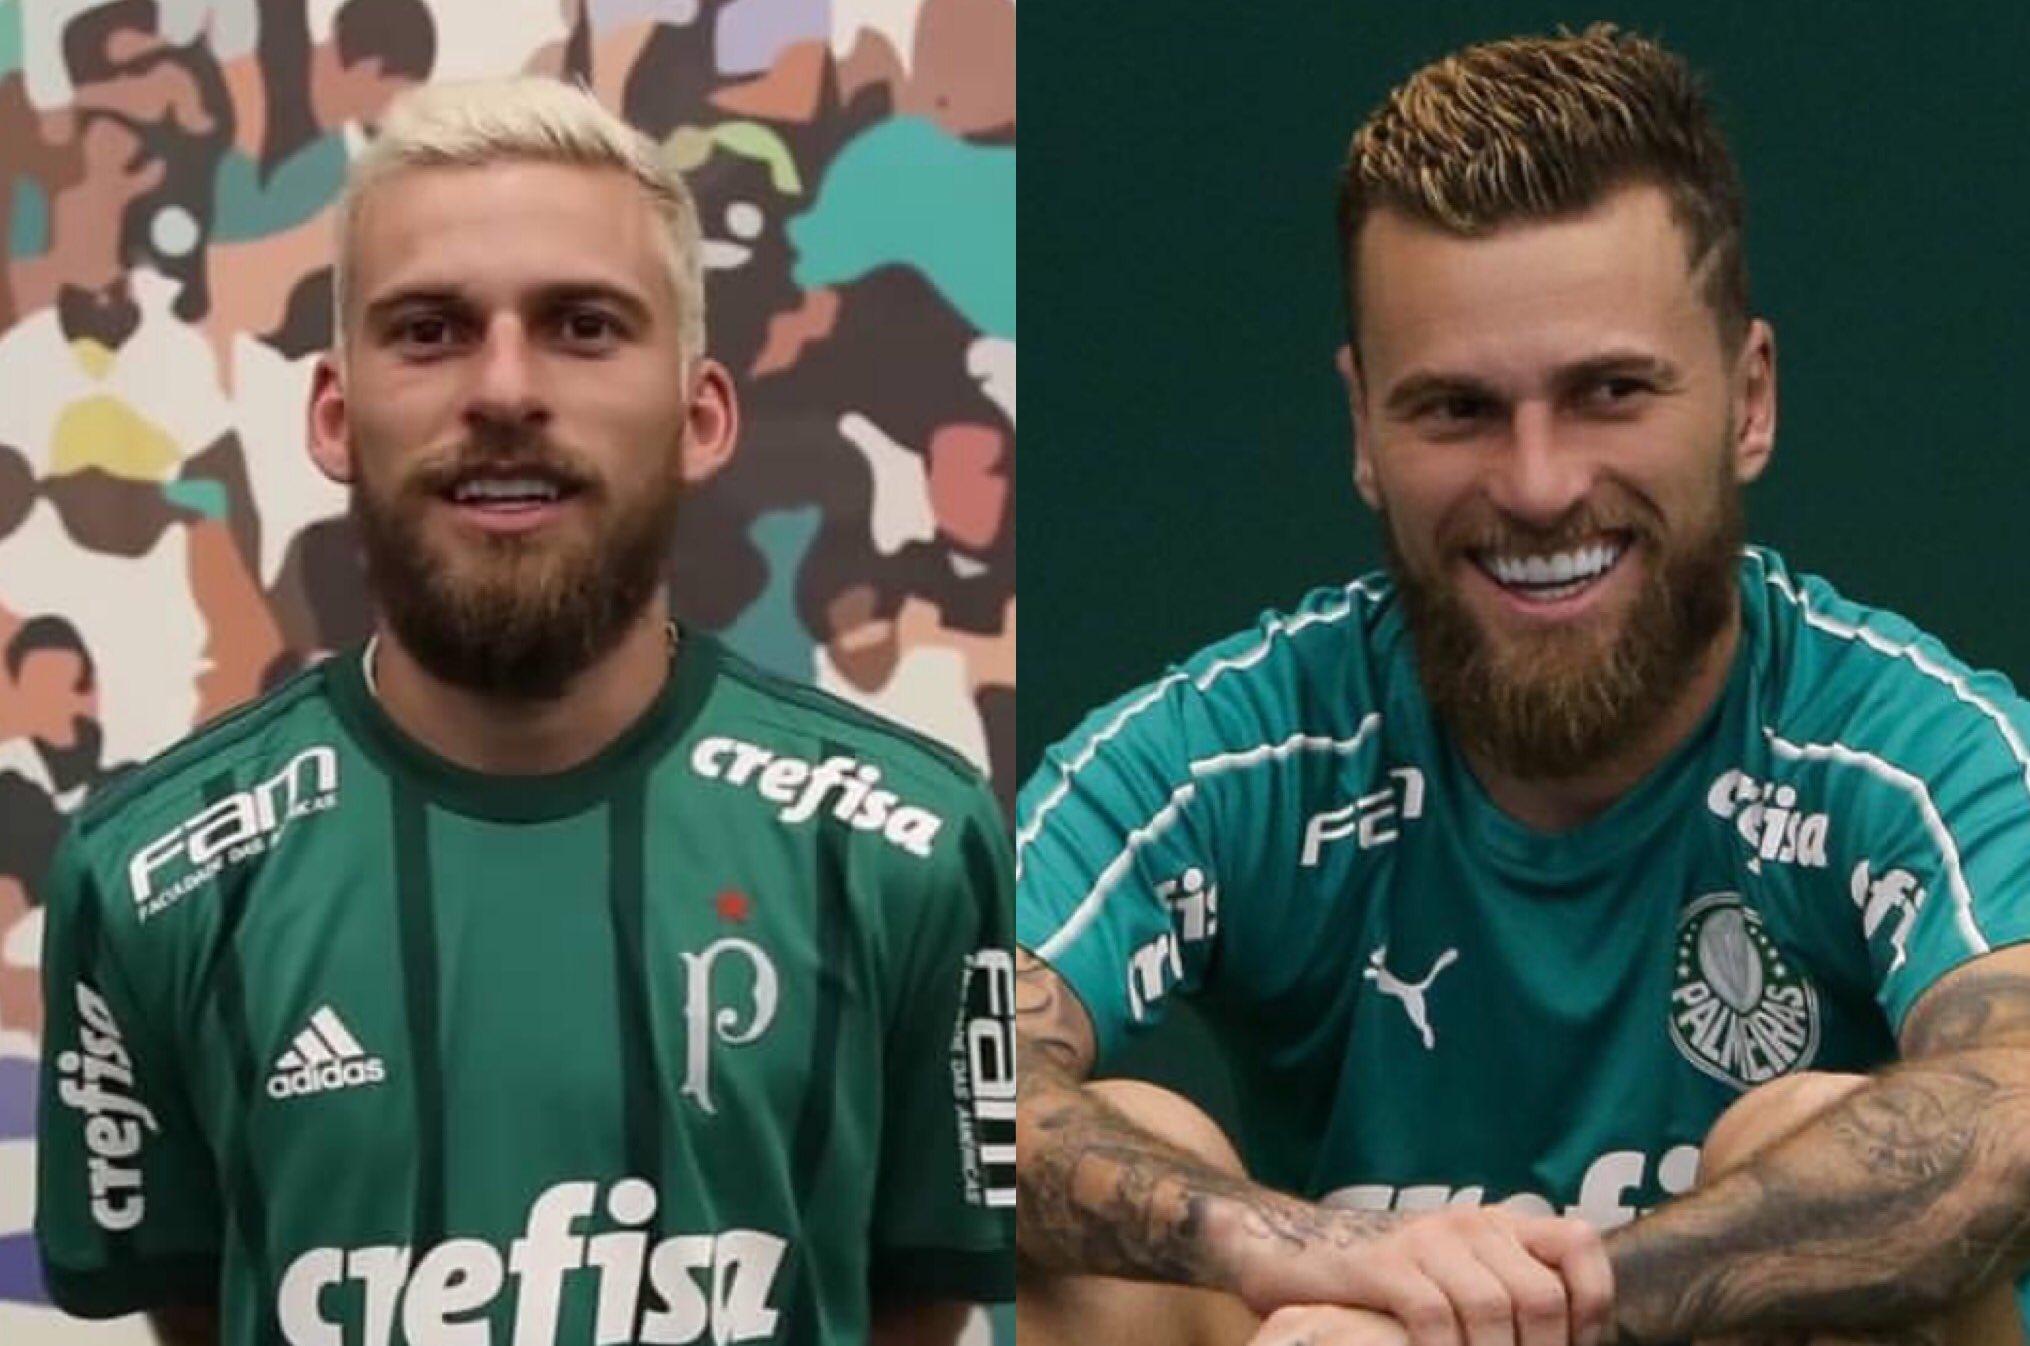 GABICampeã 🏆 on Twitter: